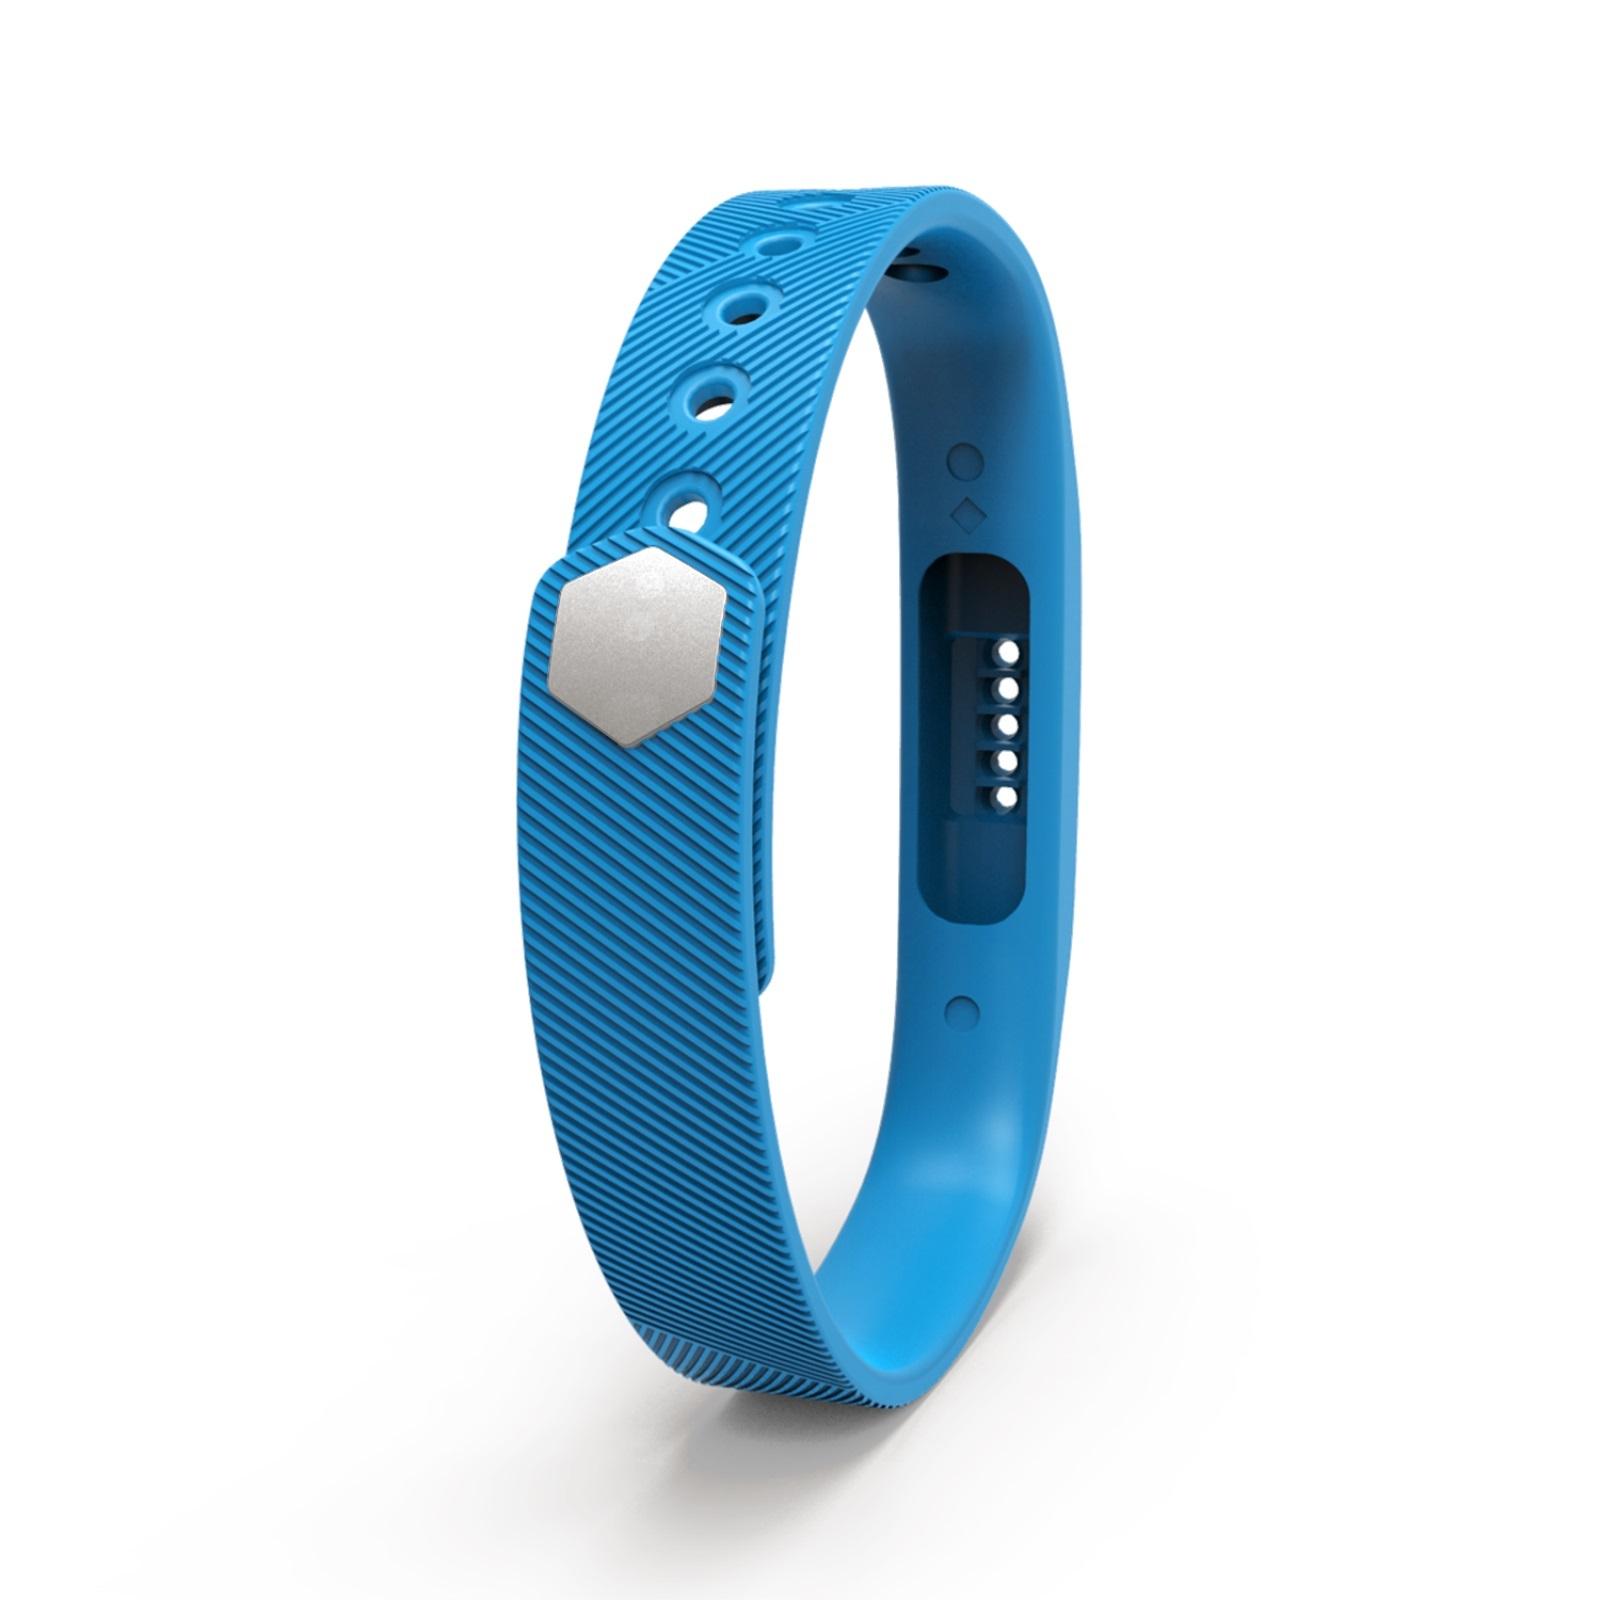 ... Tali pengikat pergelangan tangan Band perhiasan untuk Fitbit Flex 2sehari suntuk cerdas melacak aktivitas olahraga kebugaran ...